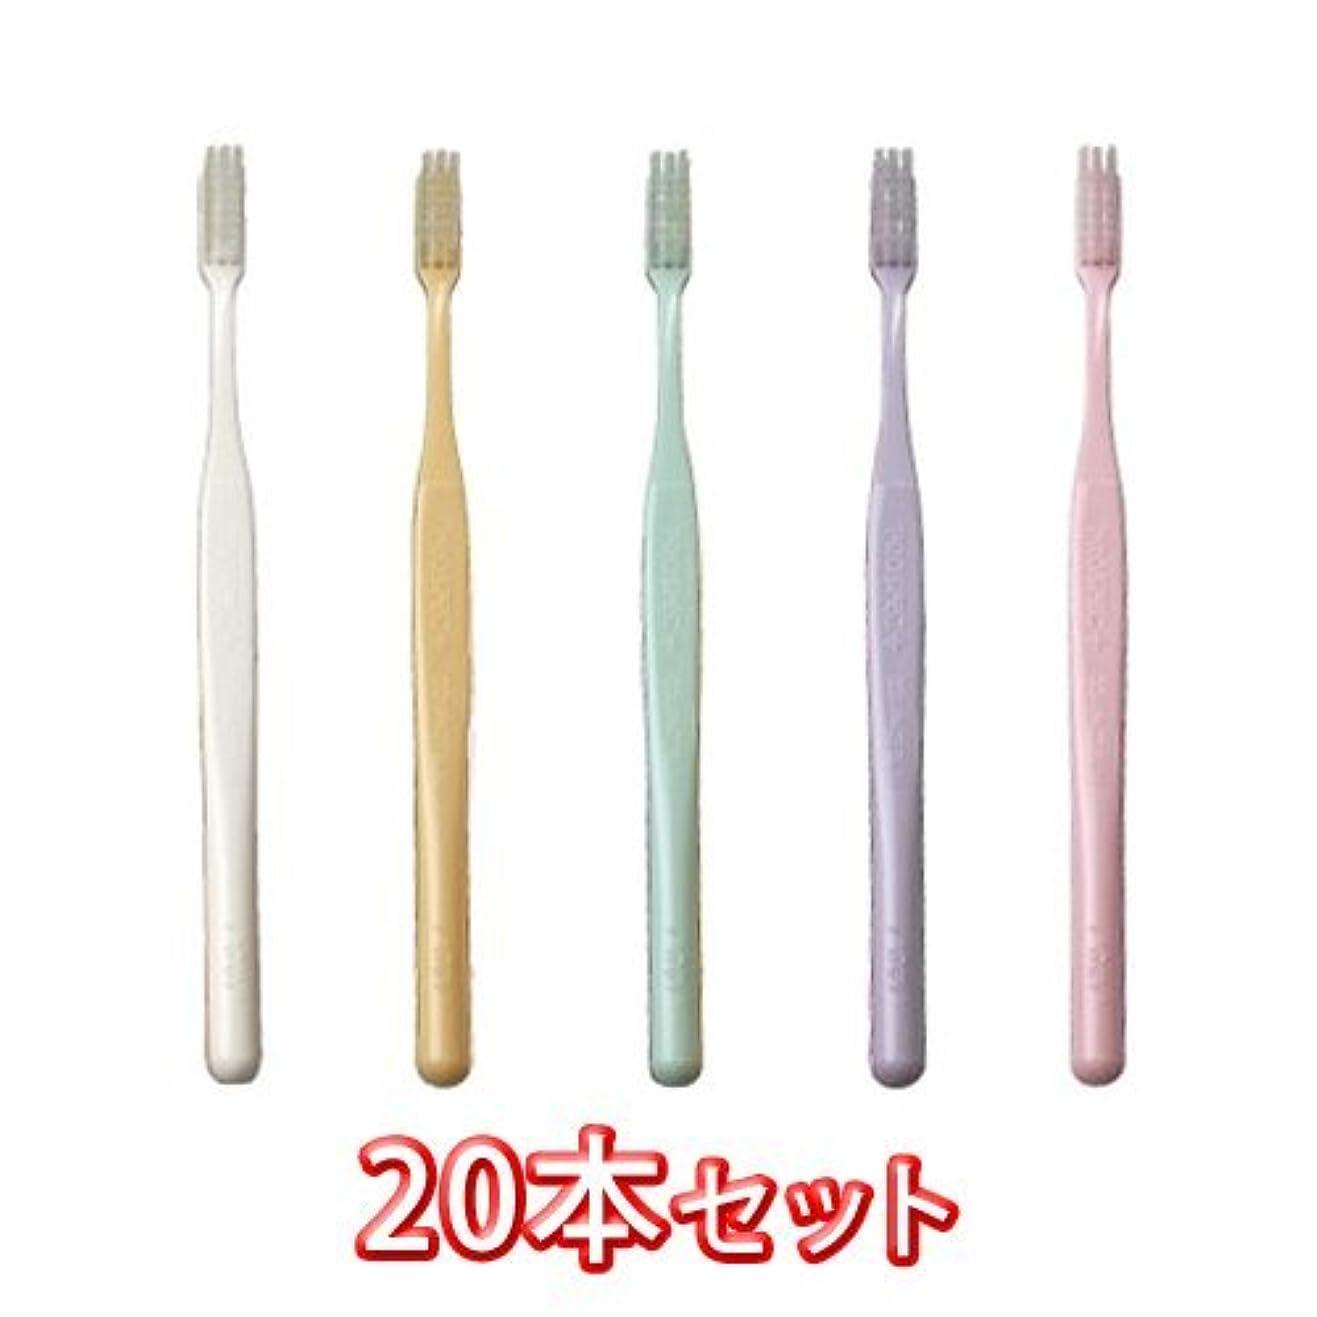 危機落胆した書士プロスペック 歯ブラシ プラス コンパクトスリム 20本入 ふつう色 S やわらかめ